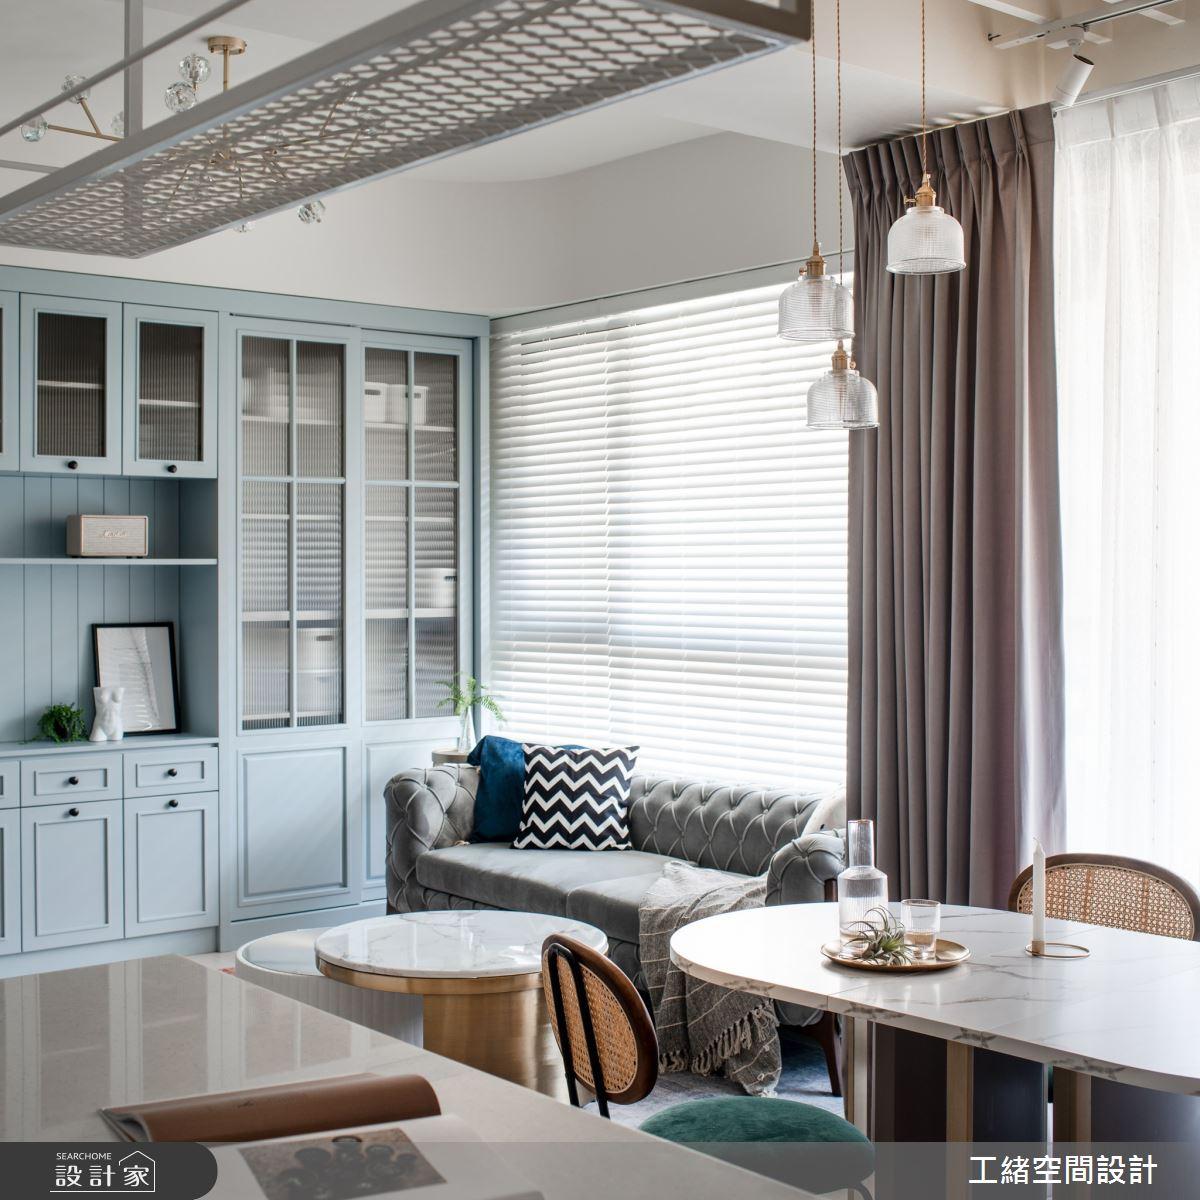 20坪新成屋(5年以下)_美式風客廳餐廳吧檯案例圖片_工緒空間設計_工緒_19之7776